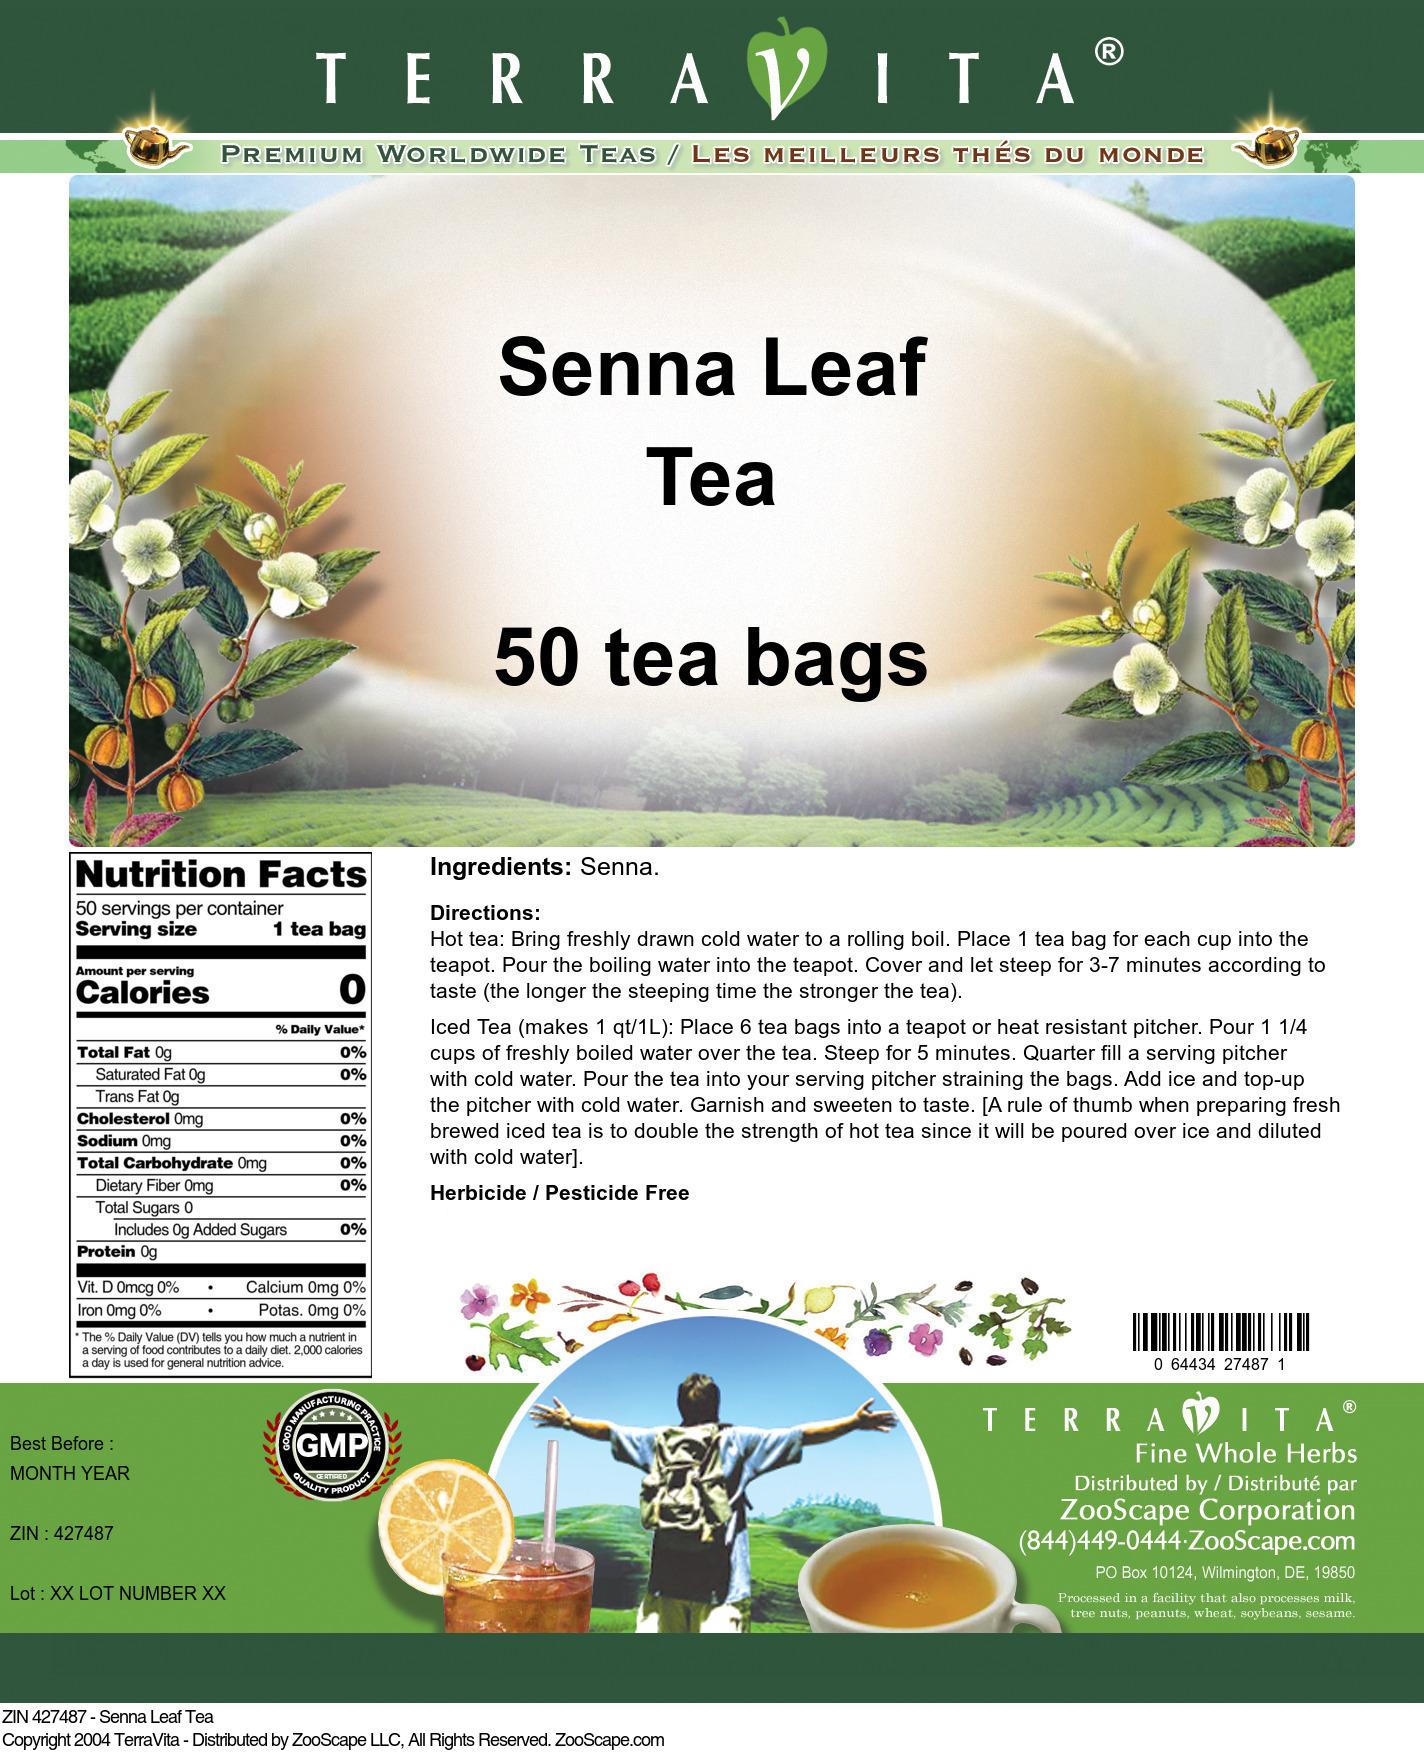 Senna Leaf Tea